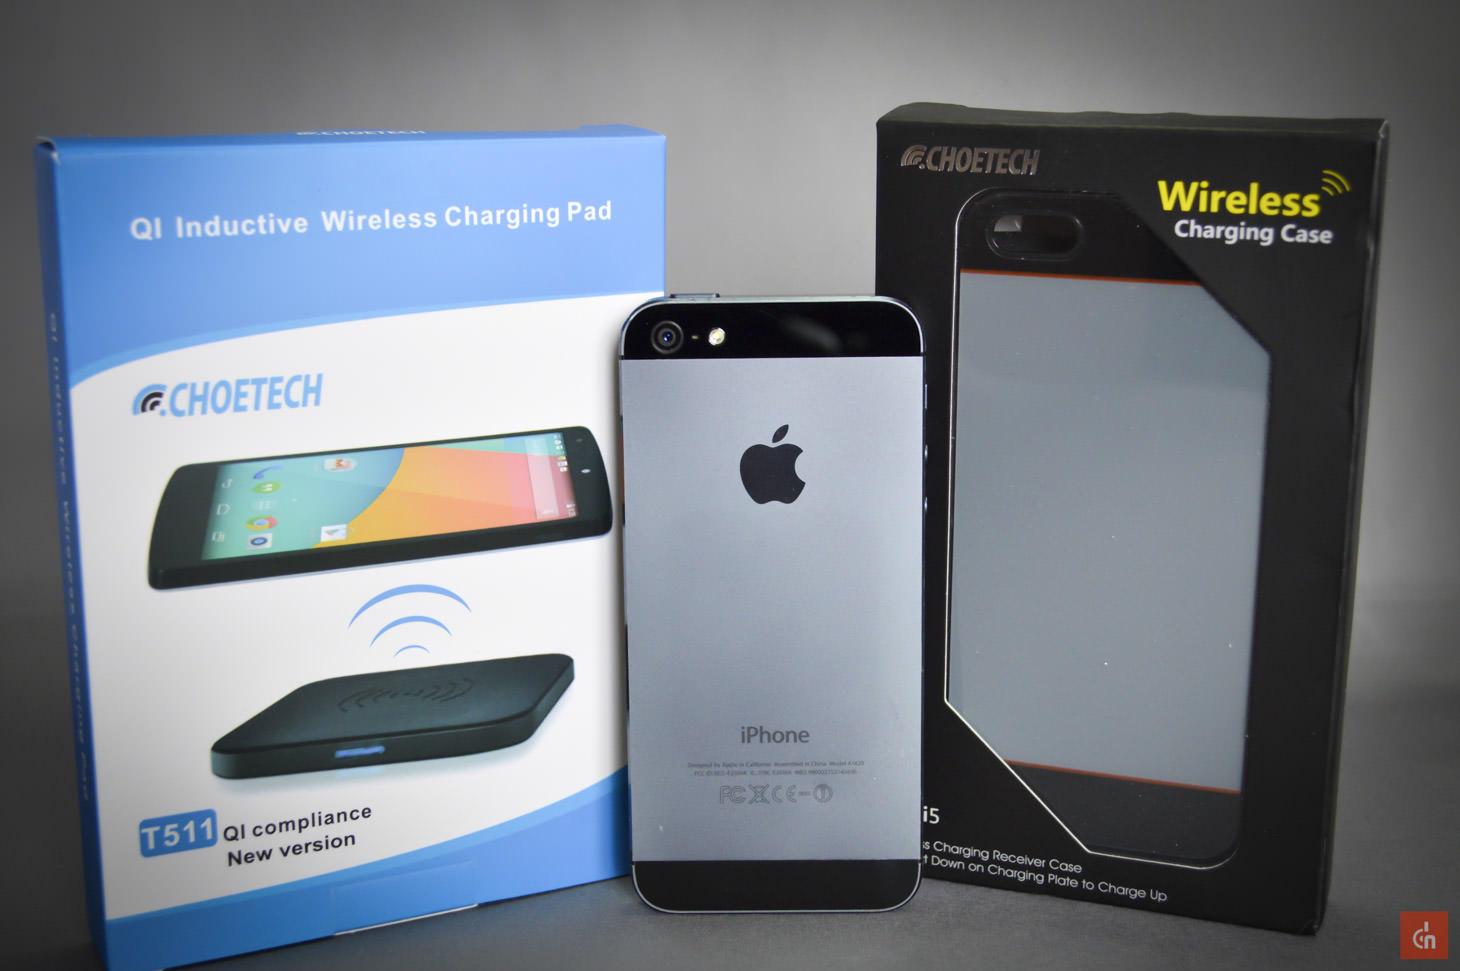 001_20160319_chotech-iphone5-qi